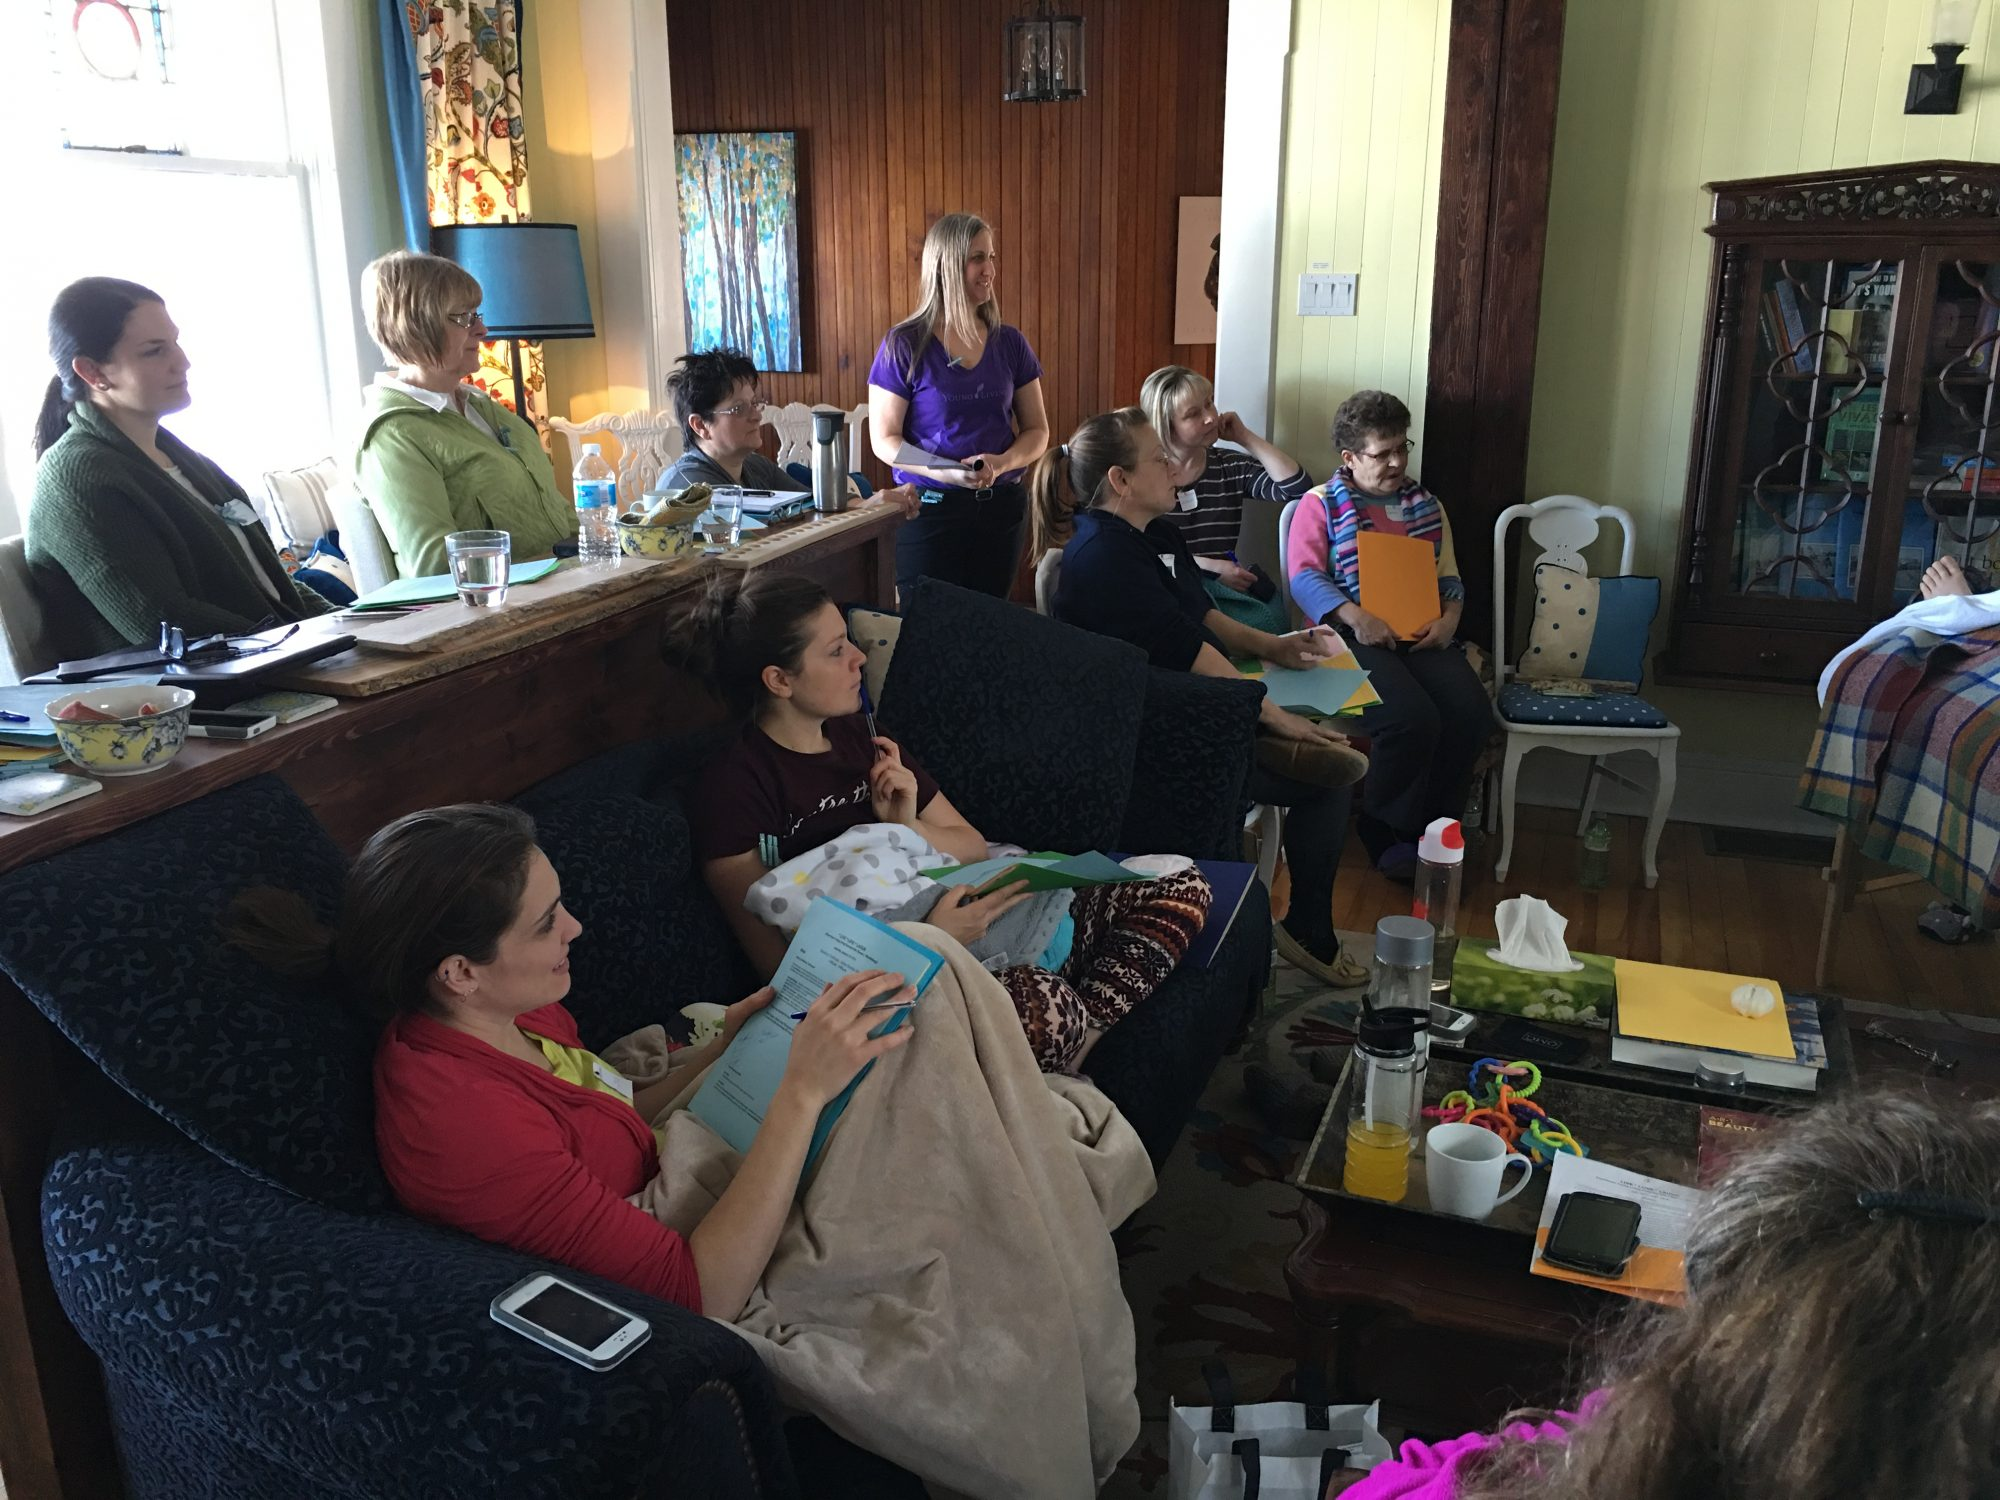 Wellness retreat group at the Presidents' Suites in Haileybury / Groupe de retraite santé et bien-être aux Suites des Présidents à Témiskaming Shores